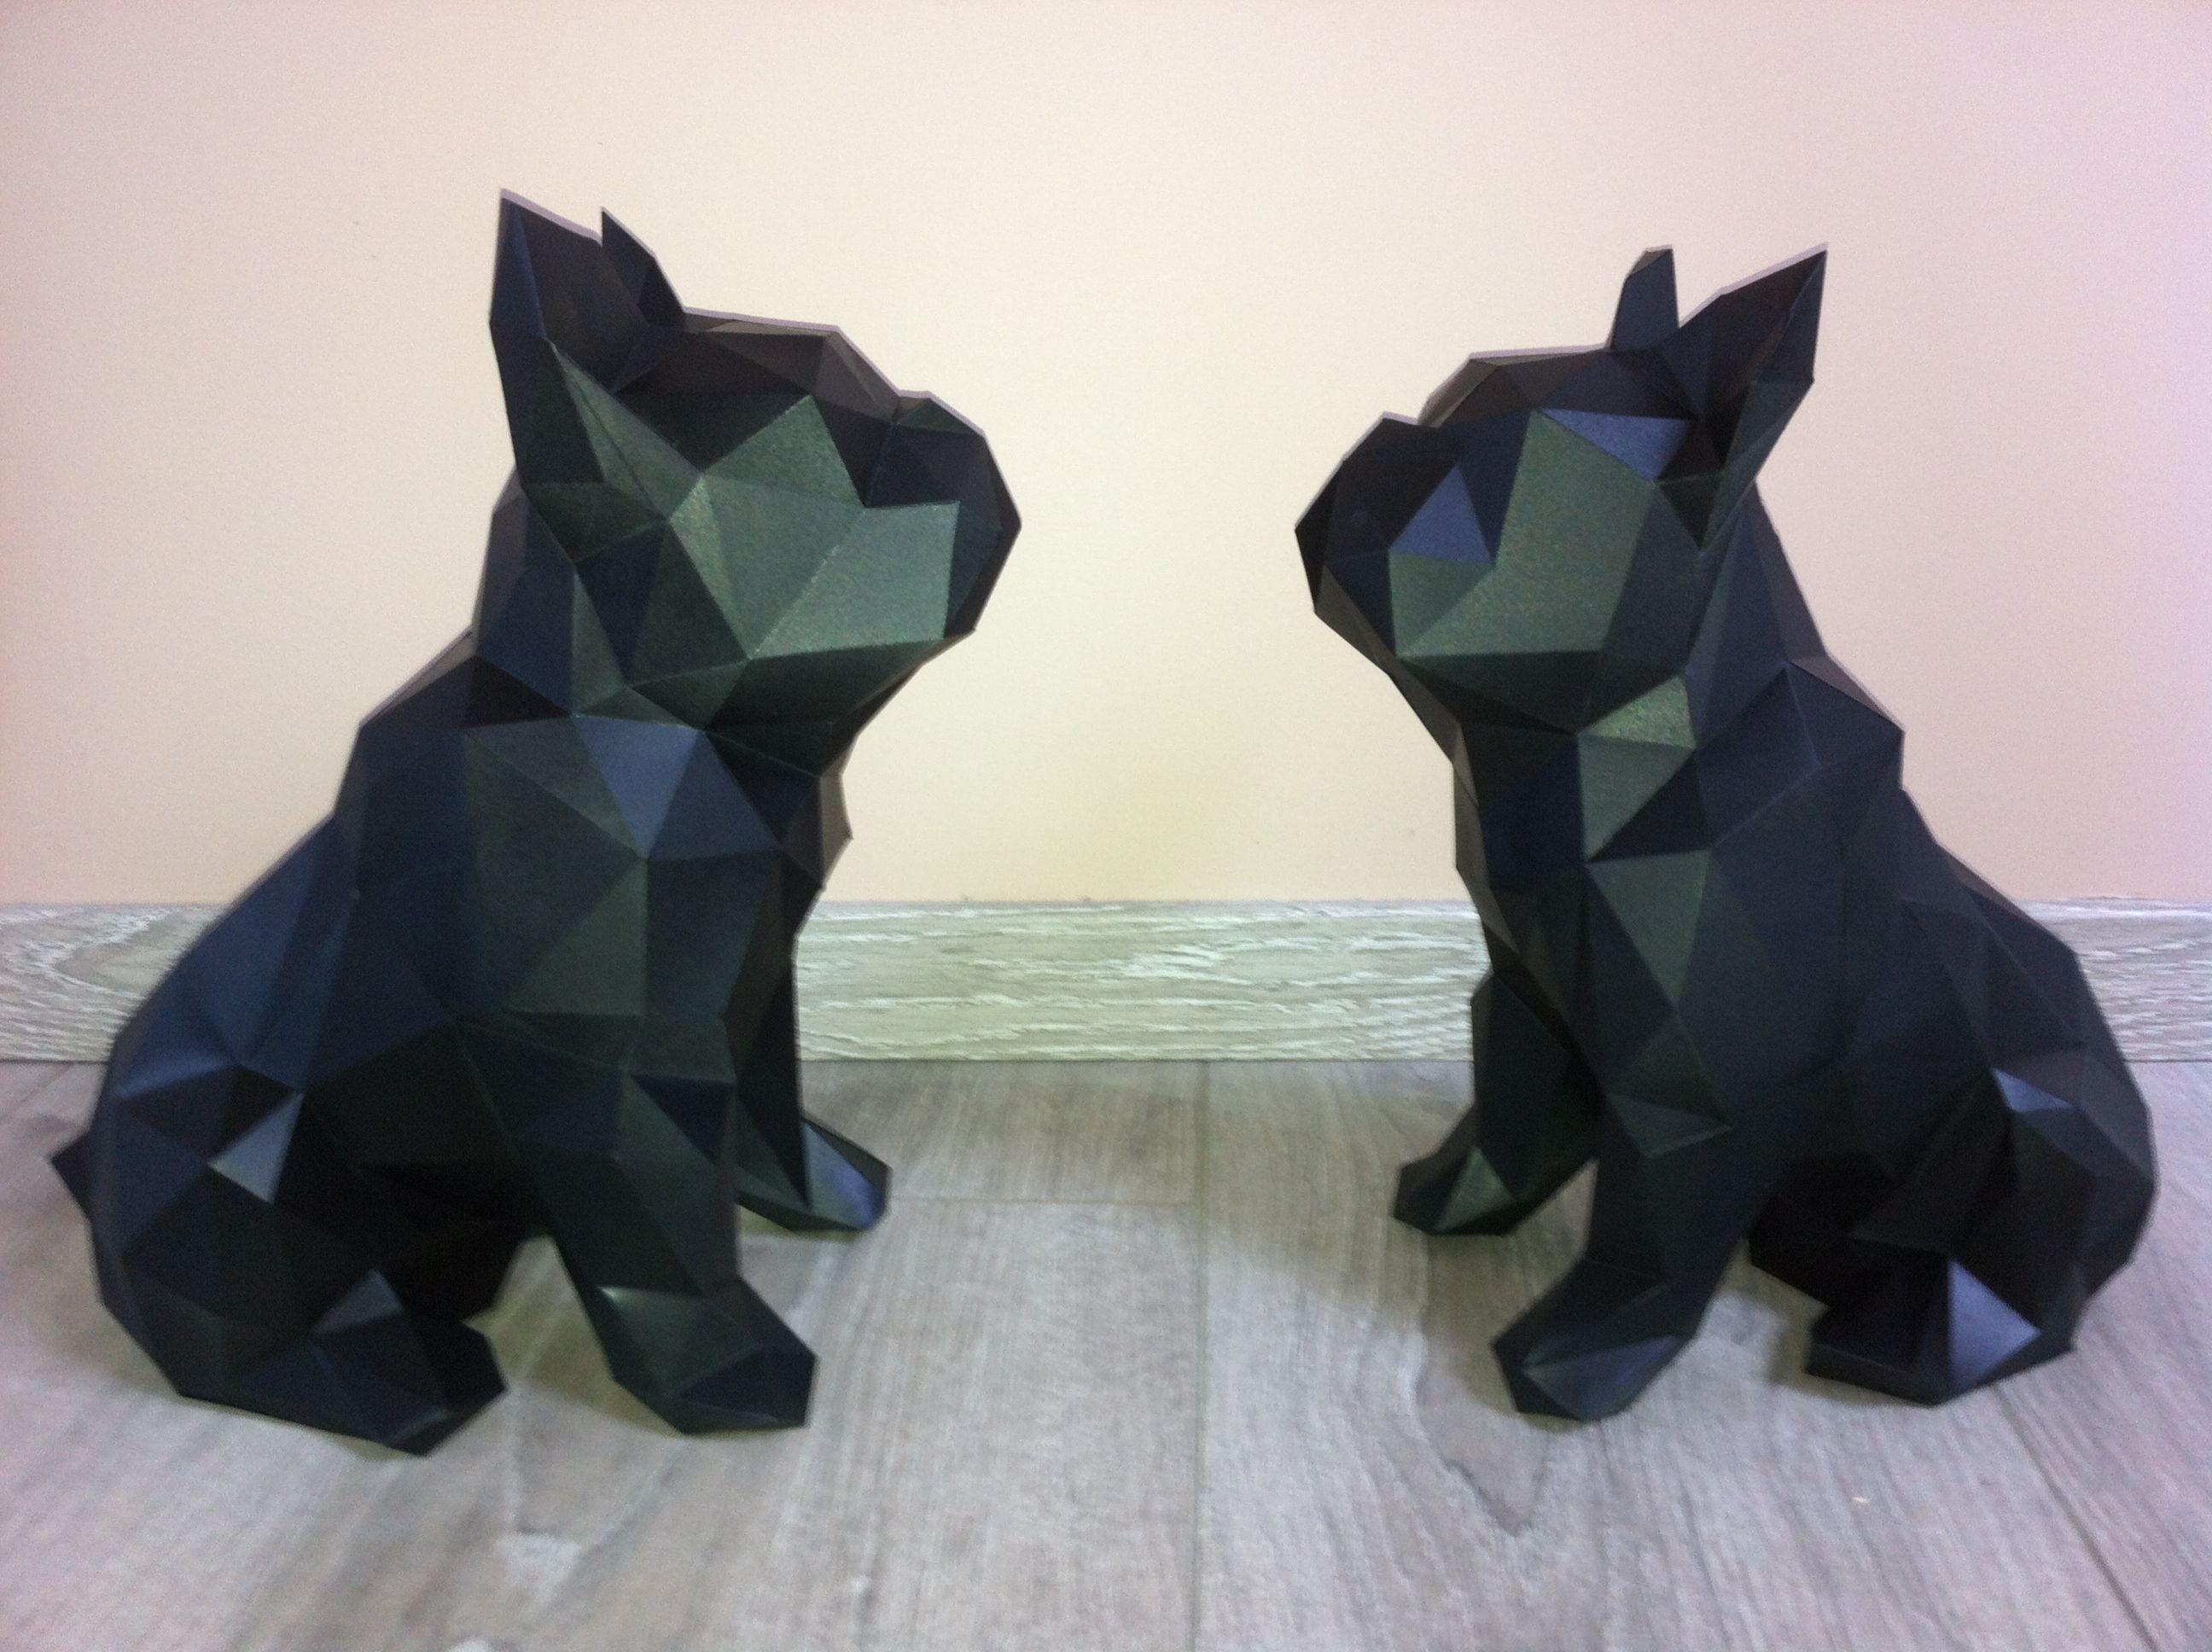 Papercraft Dog Dog origami Papercraft origami Animaux Trophee